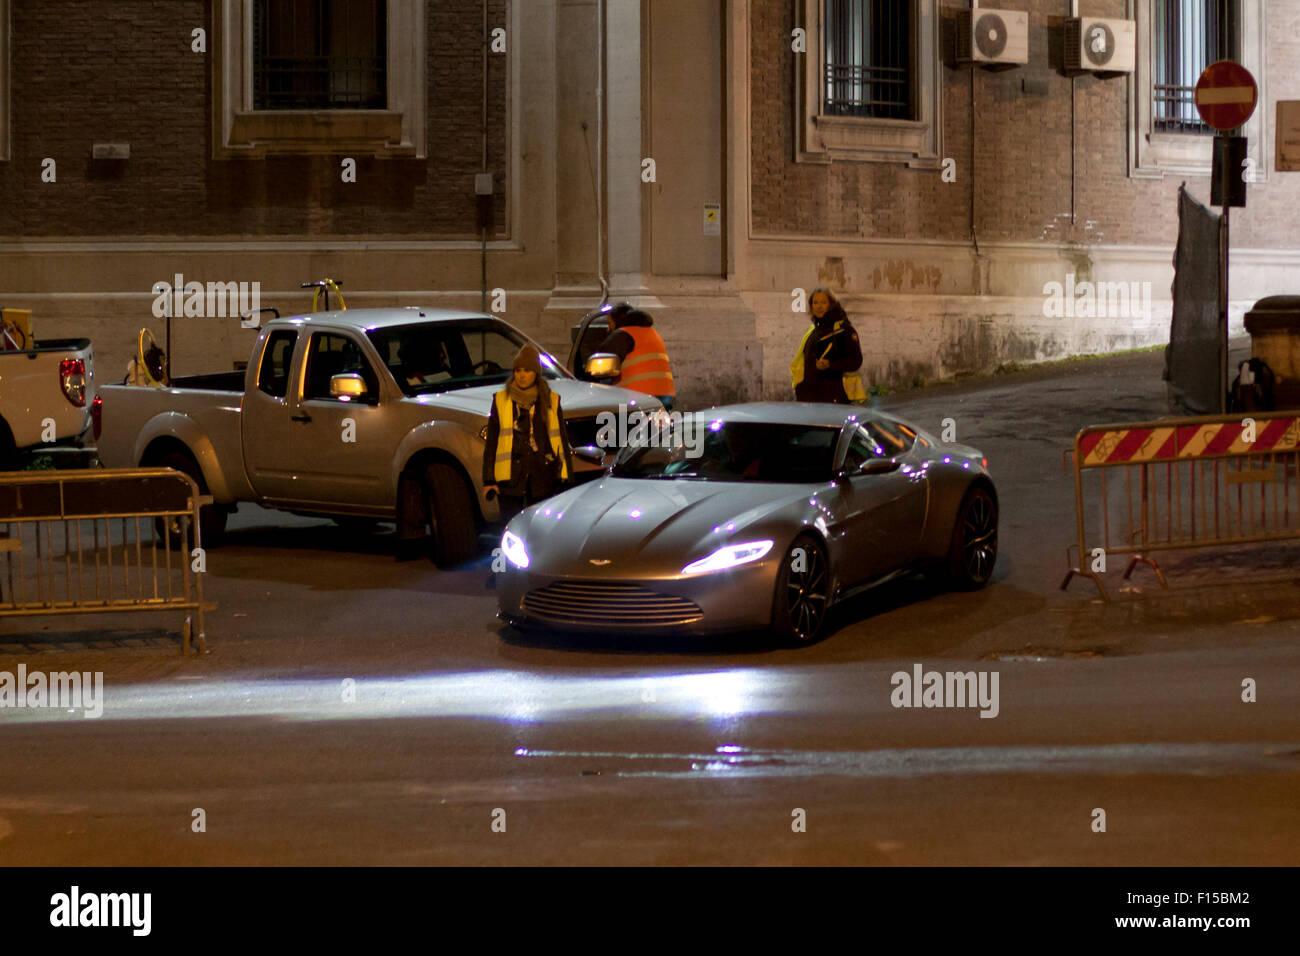 Rom, Italien. 8. März, 2015. Dreharbeiten Chase Scene für James Bond Film pectre' in Rom, Italien. Stockbild